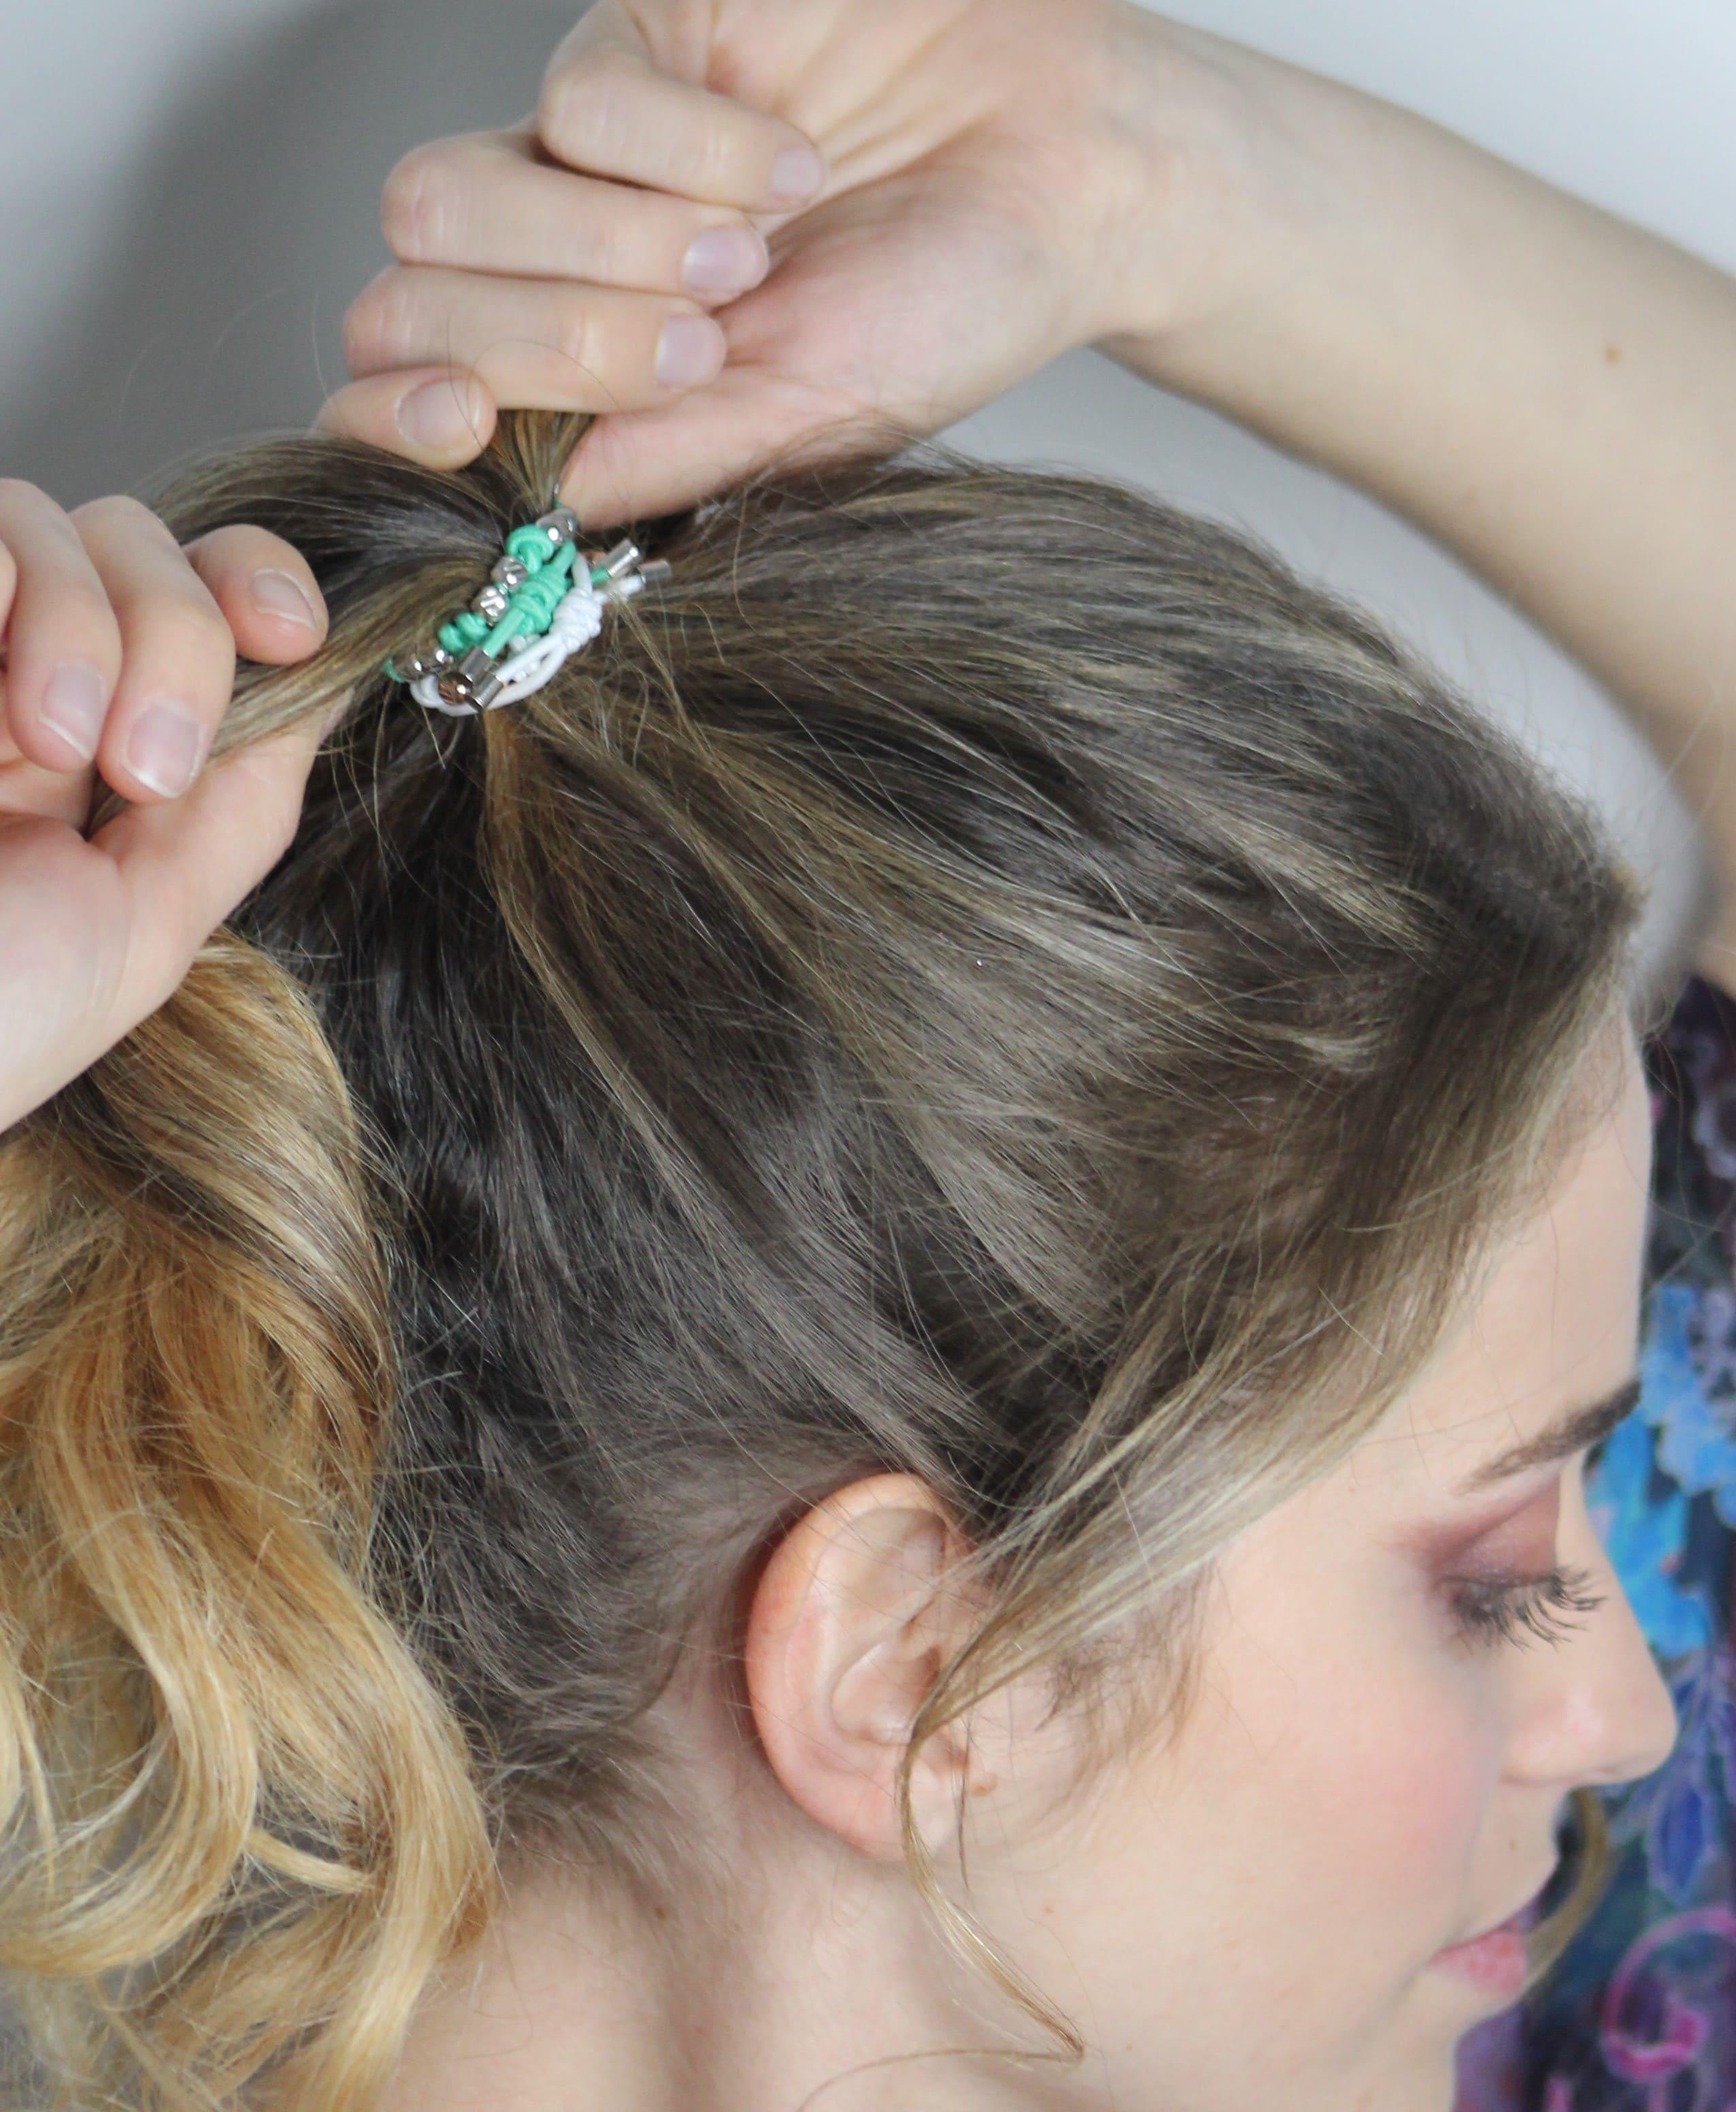 bracciale verde tiffany indossato come elastico per capelli